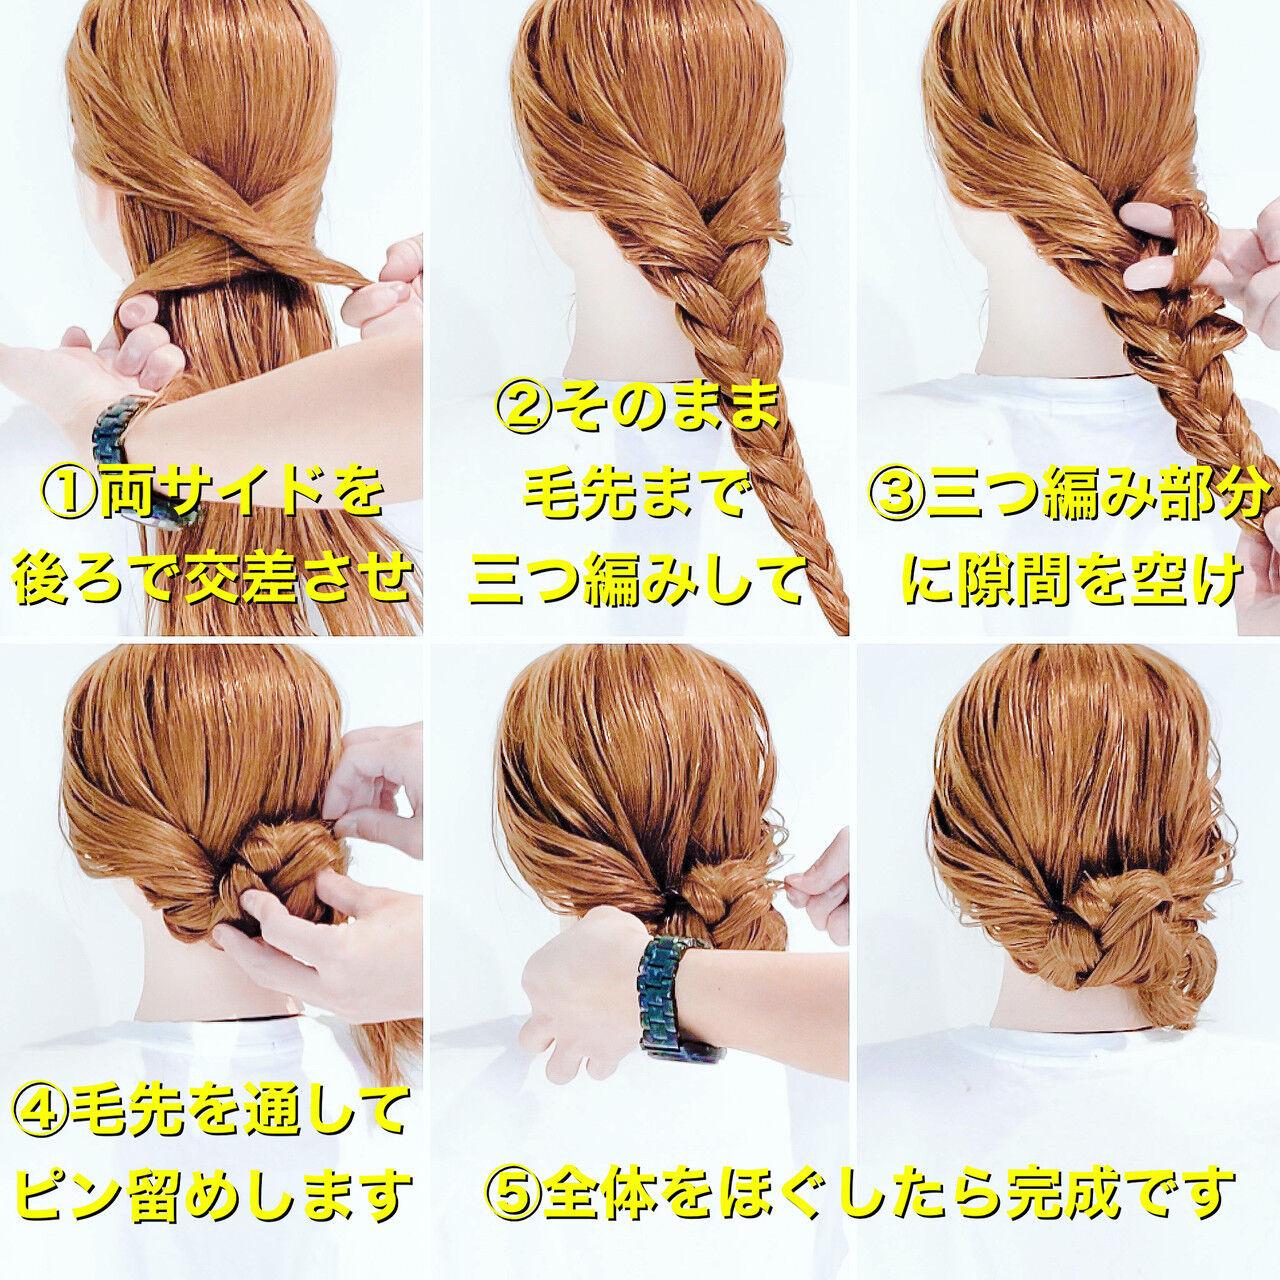 アップアレンジ①くずれにくい!三つ編みアップスタイル 美容師HIRO/Amoute代表  Amoute/アムティ